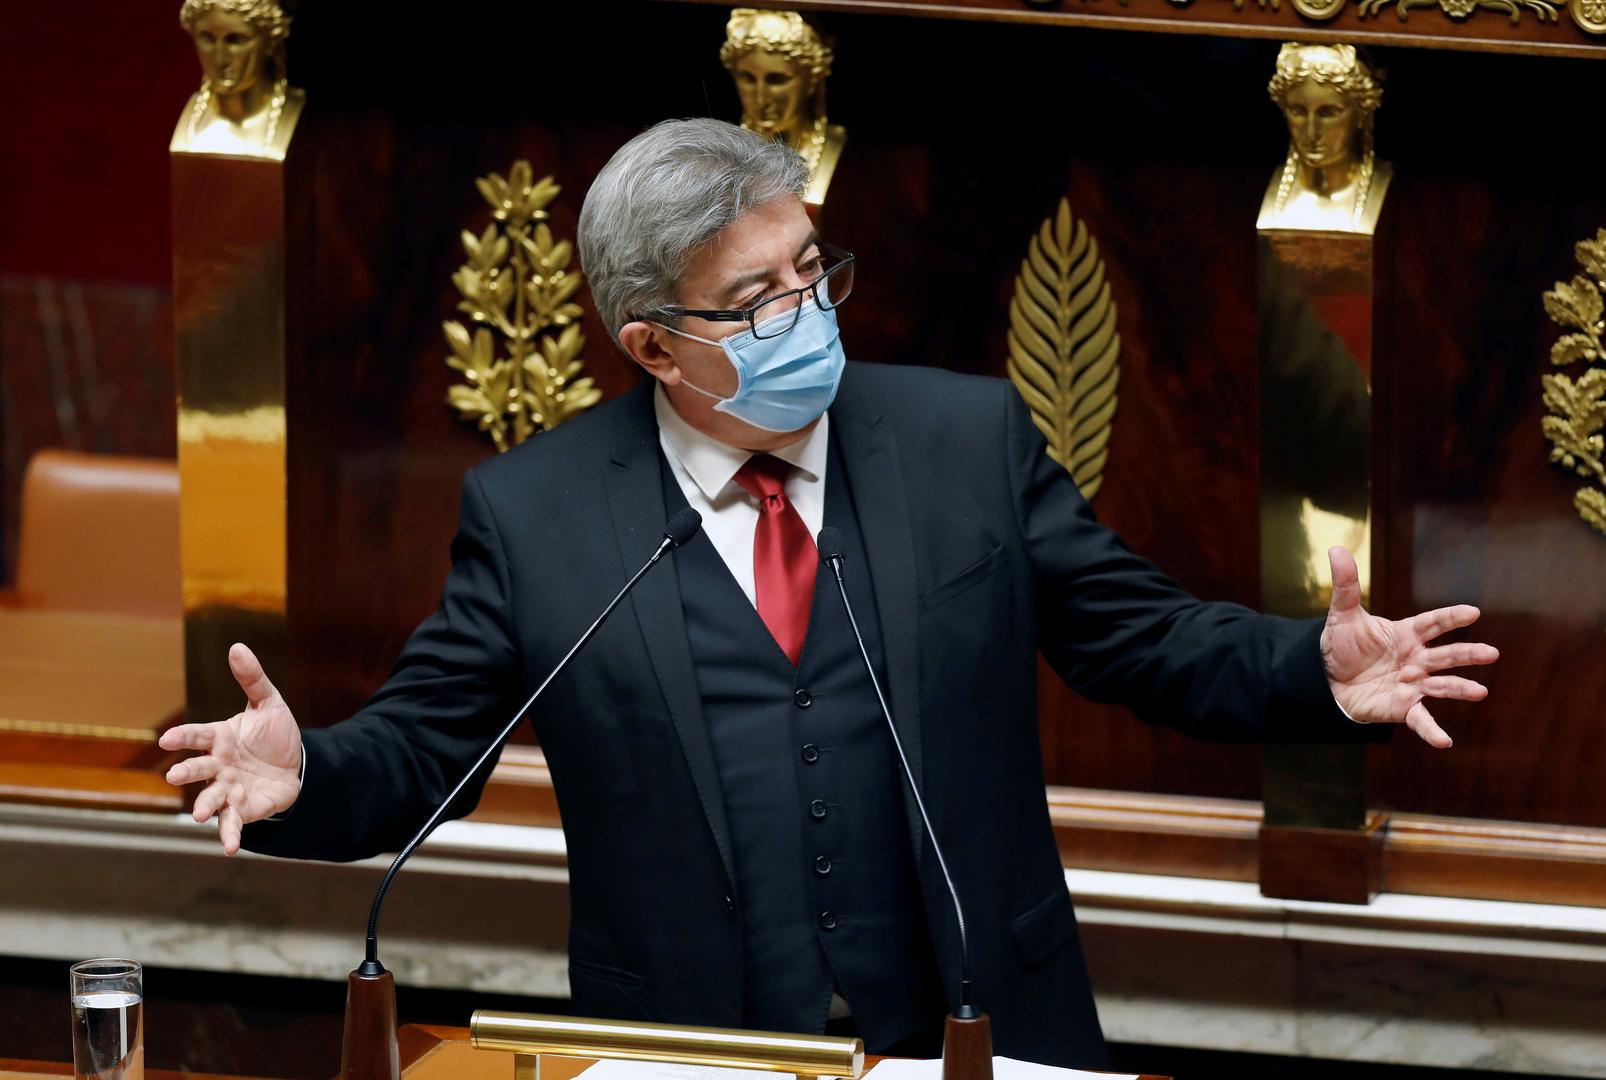 الحكومة الفرنسية توسع فرض وضع الكمامات ليشمل الأطفال